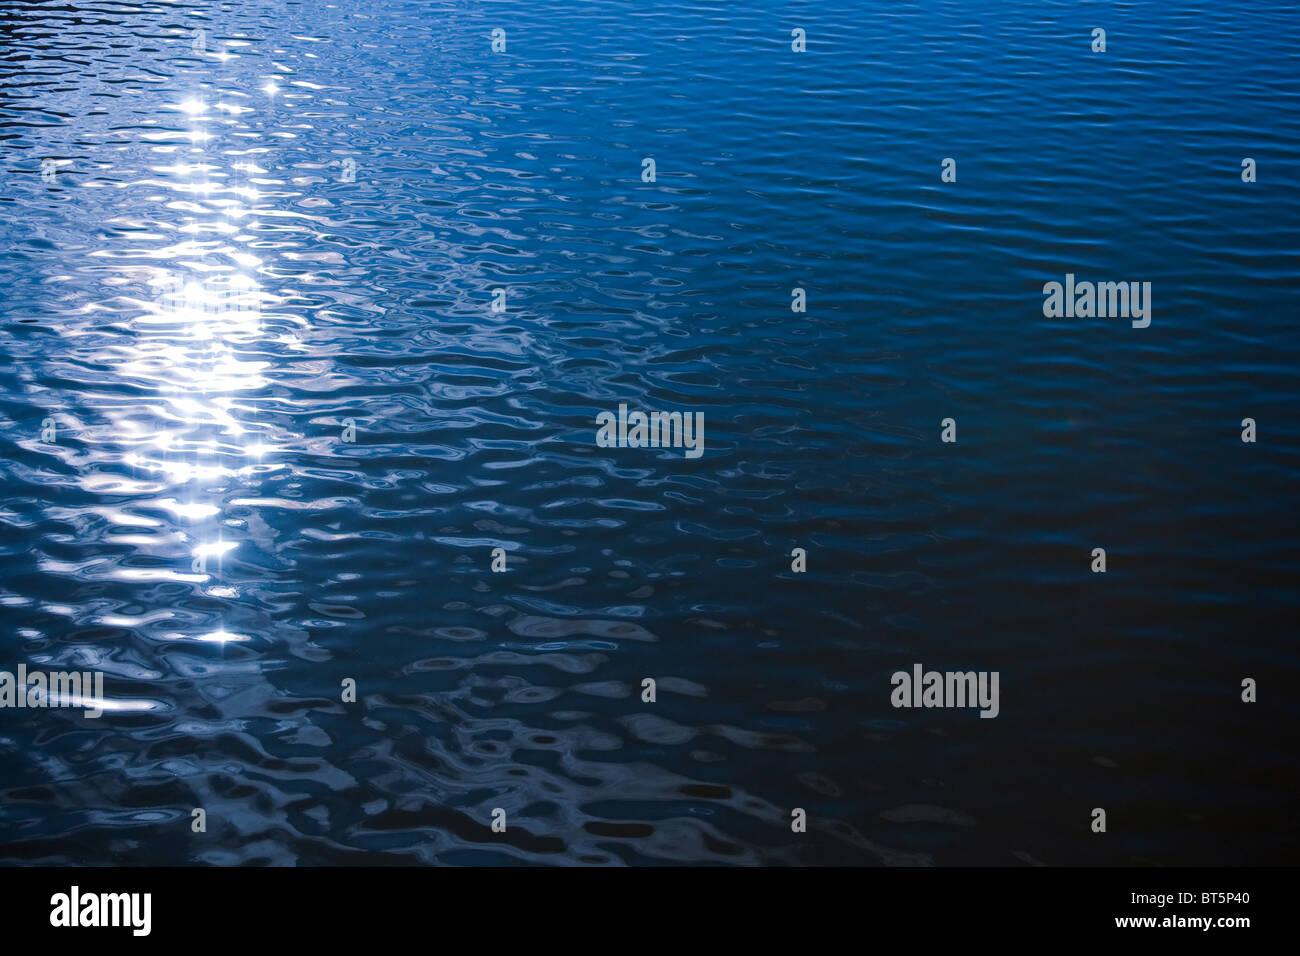 Reflexión de la luz solar en la superficie de agua ondulada . imagen natural Imagen De Stock